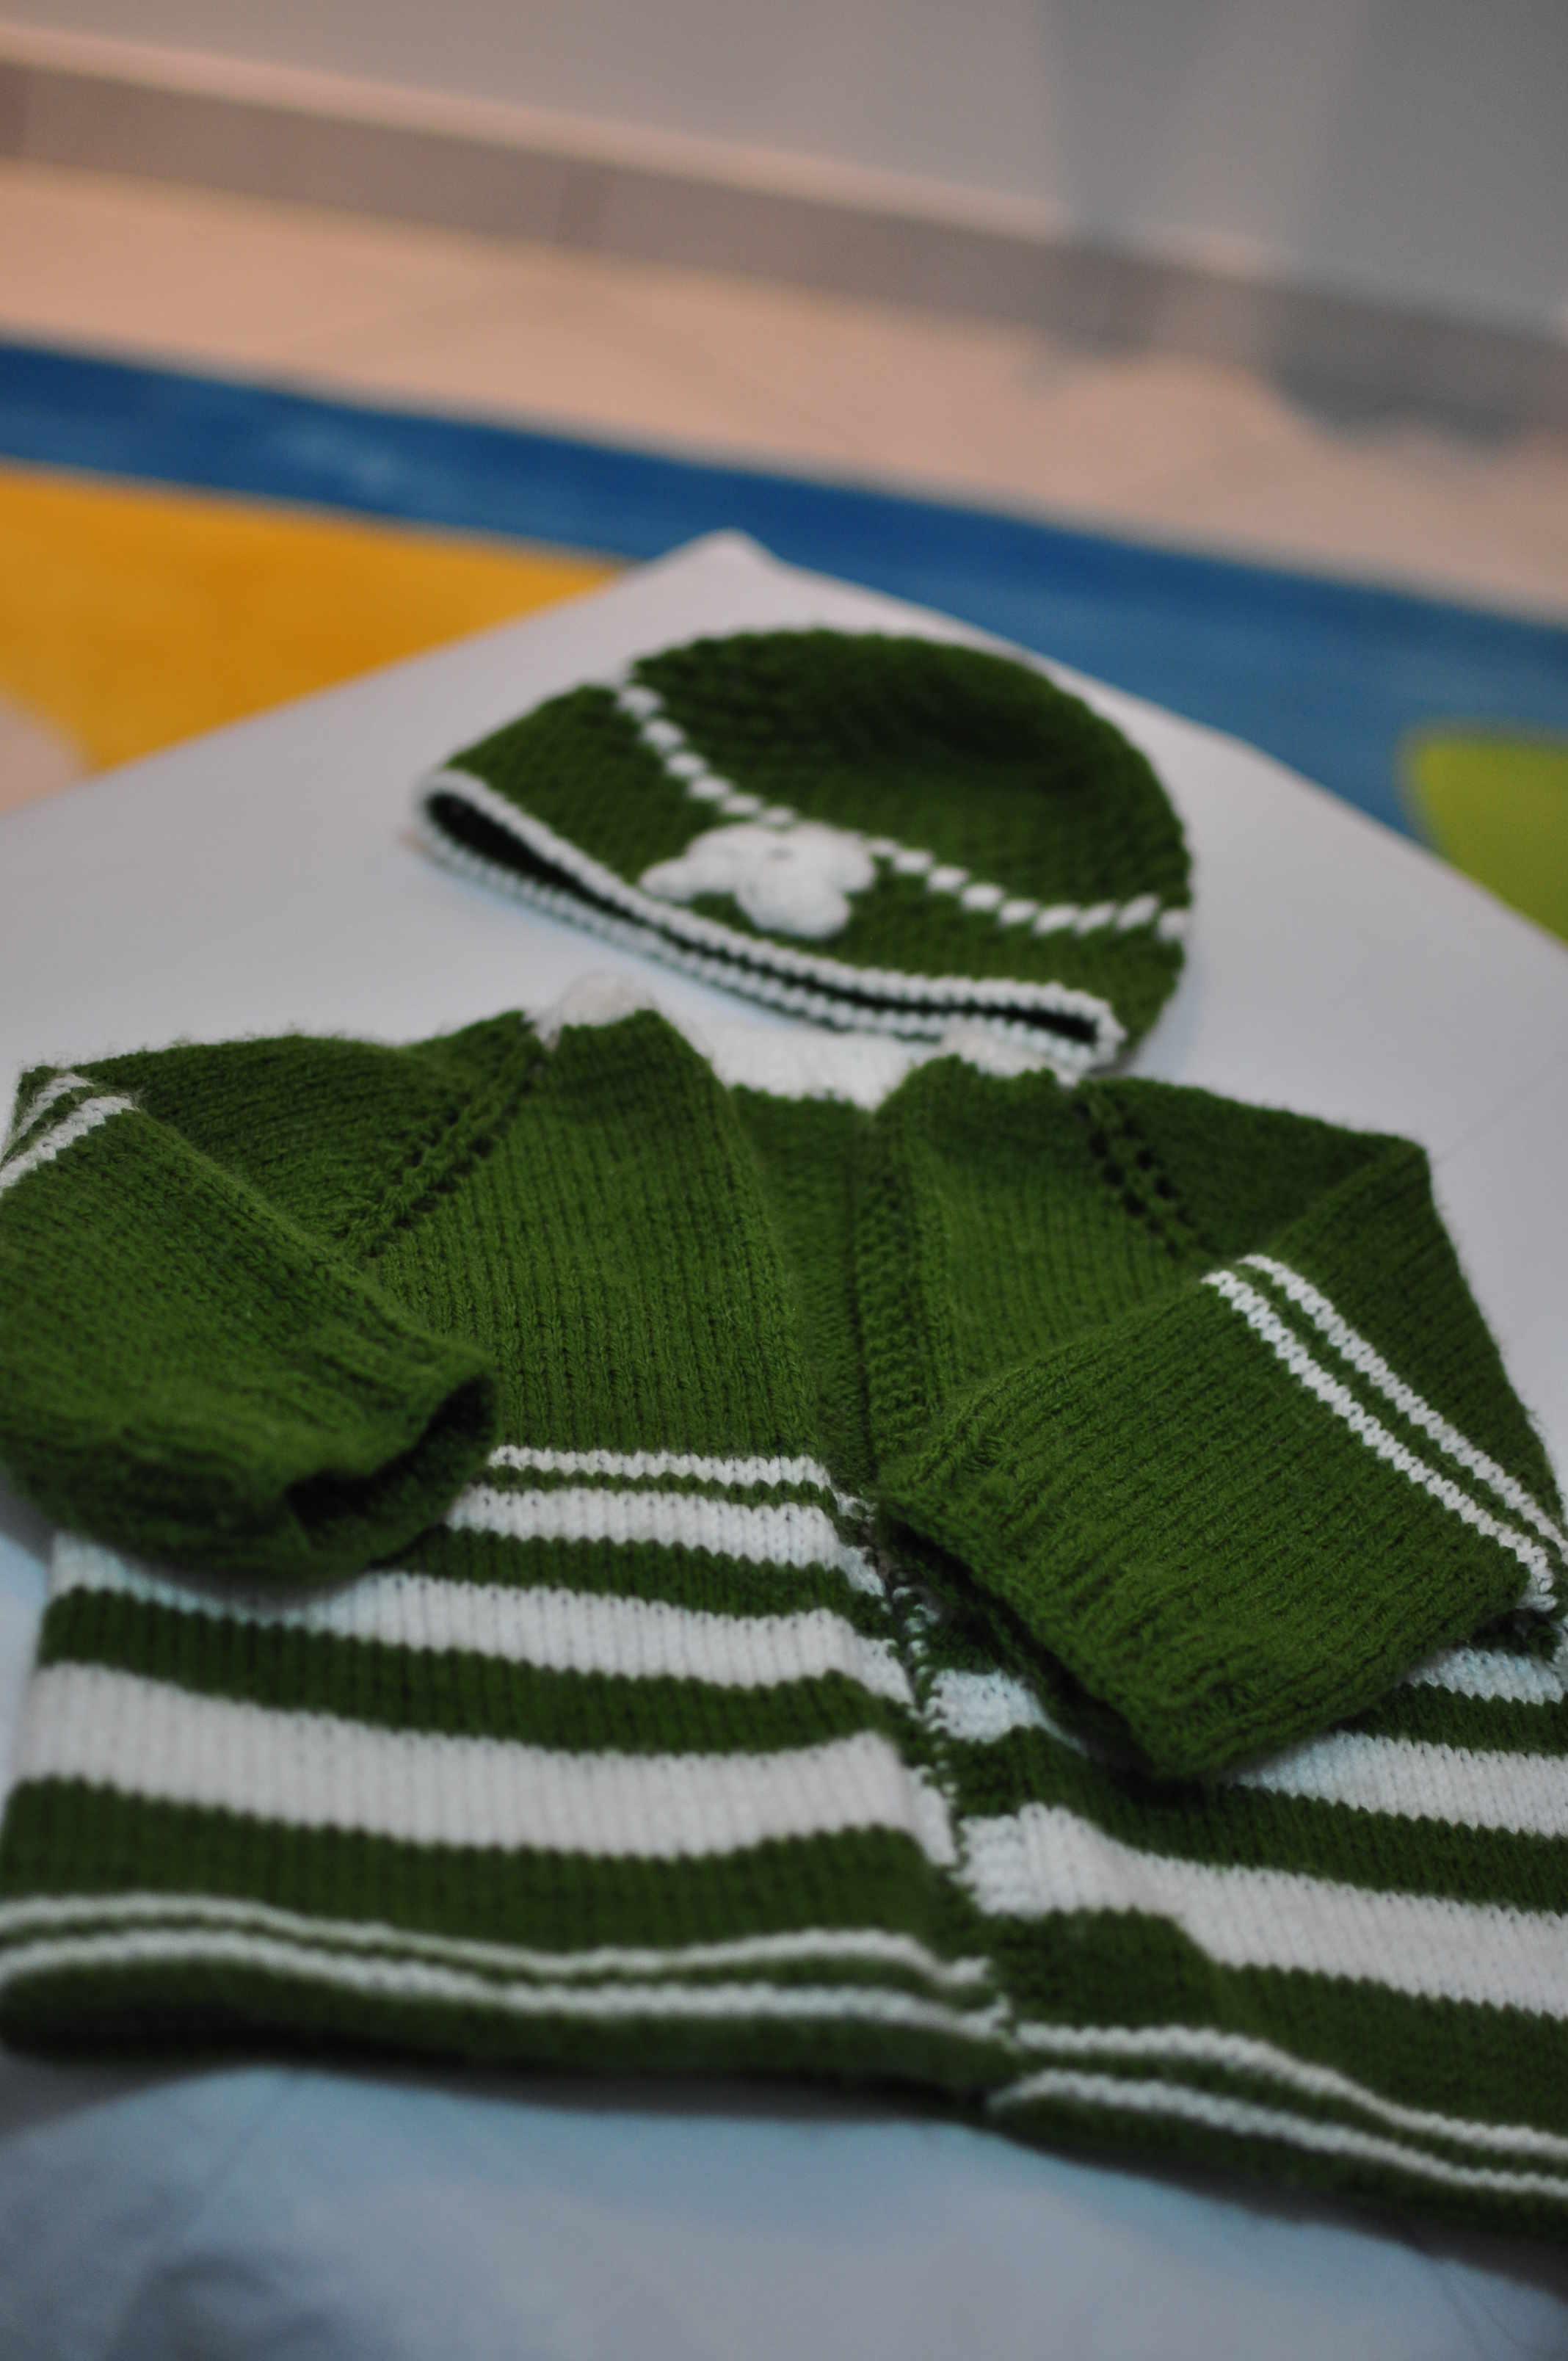 Ζακετάκι πράσινο με σκουφάκι